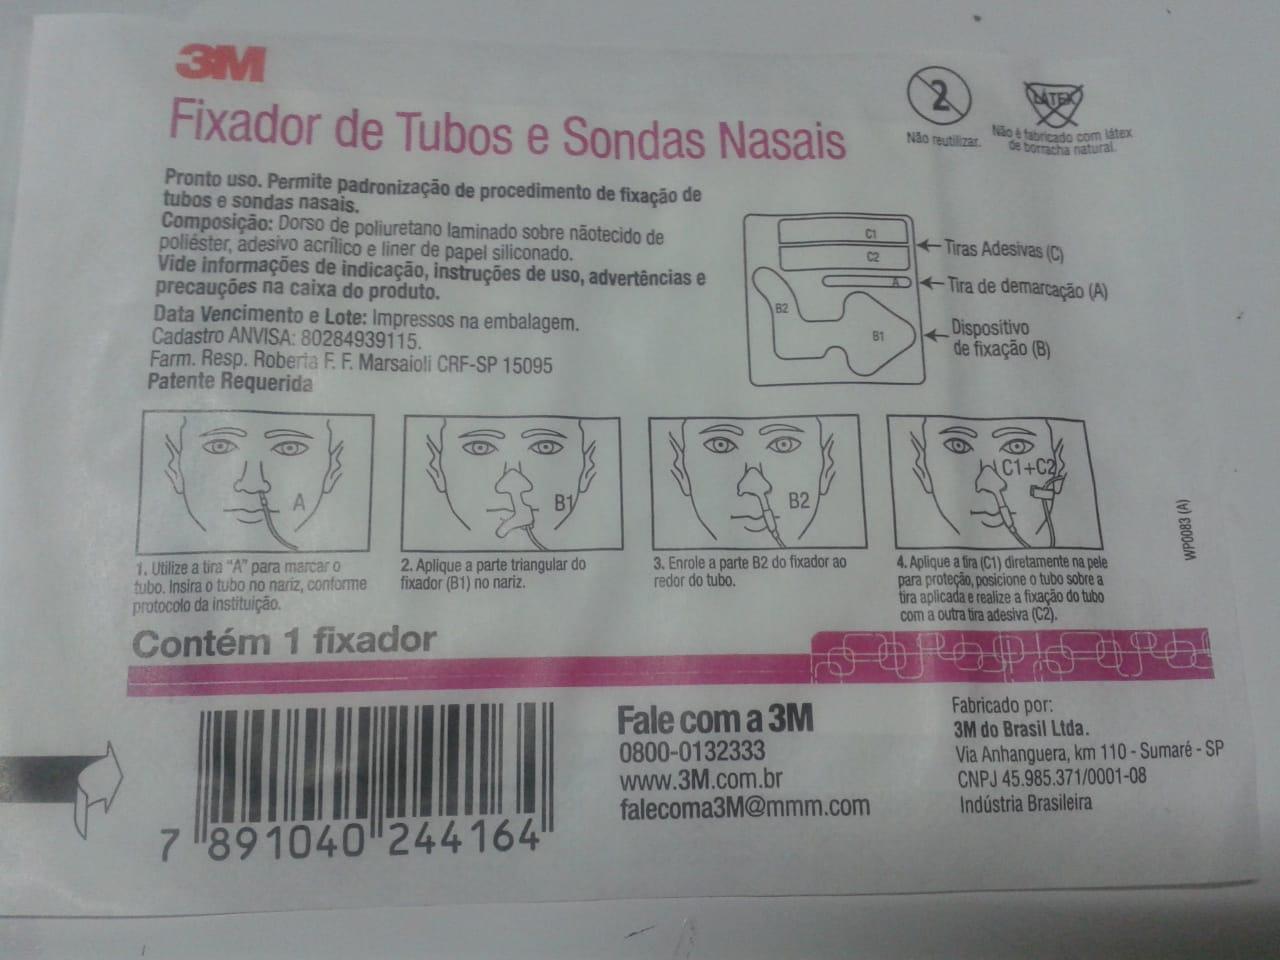 Fixador de tubos e sondas nasais 3M tamanho único